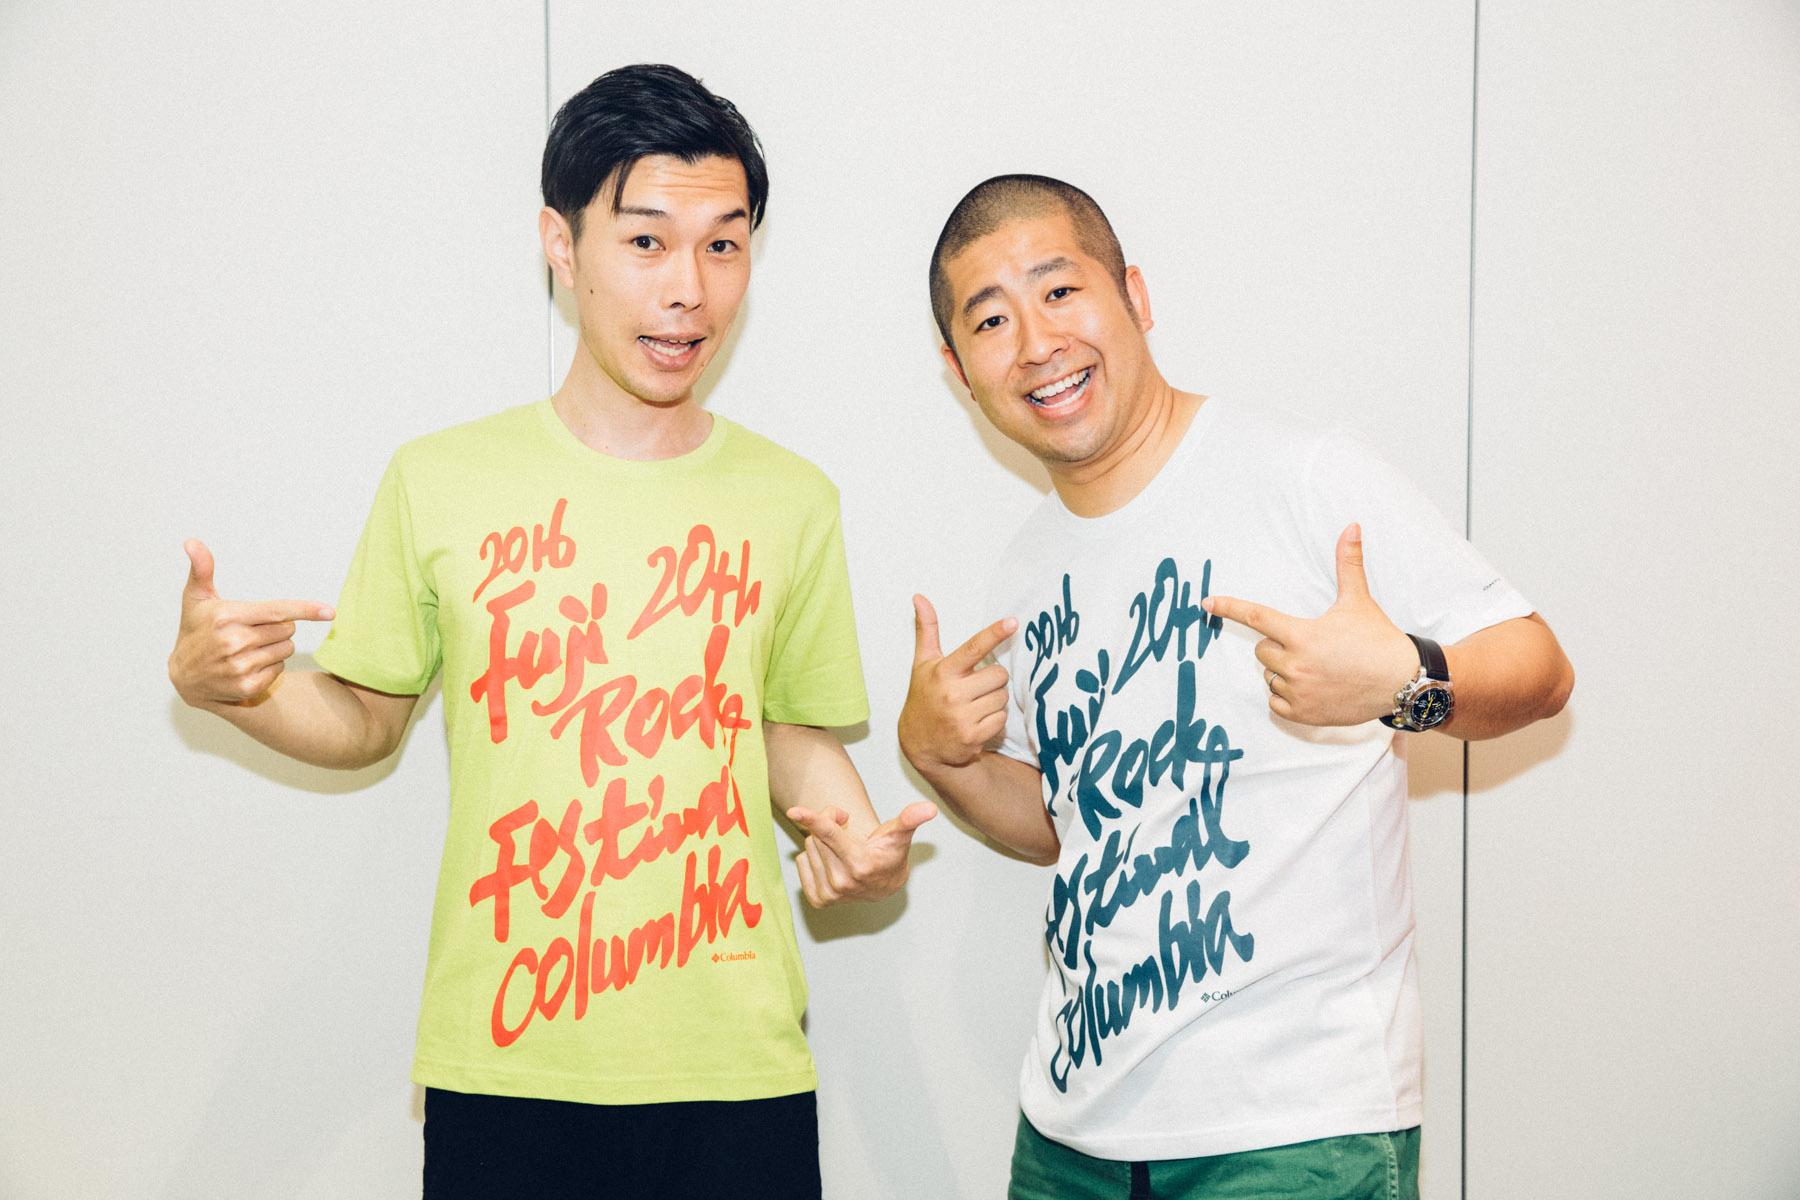 音楽好き芸人ハライチ、今年はふたりでフジロックへ行こう!?お気に入りのロックTシャツ対決も!